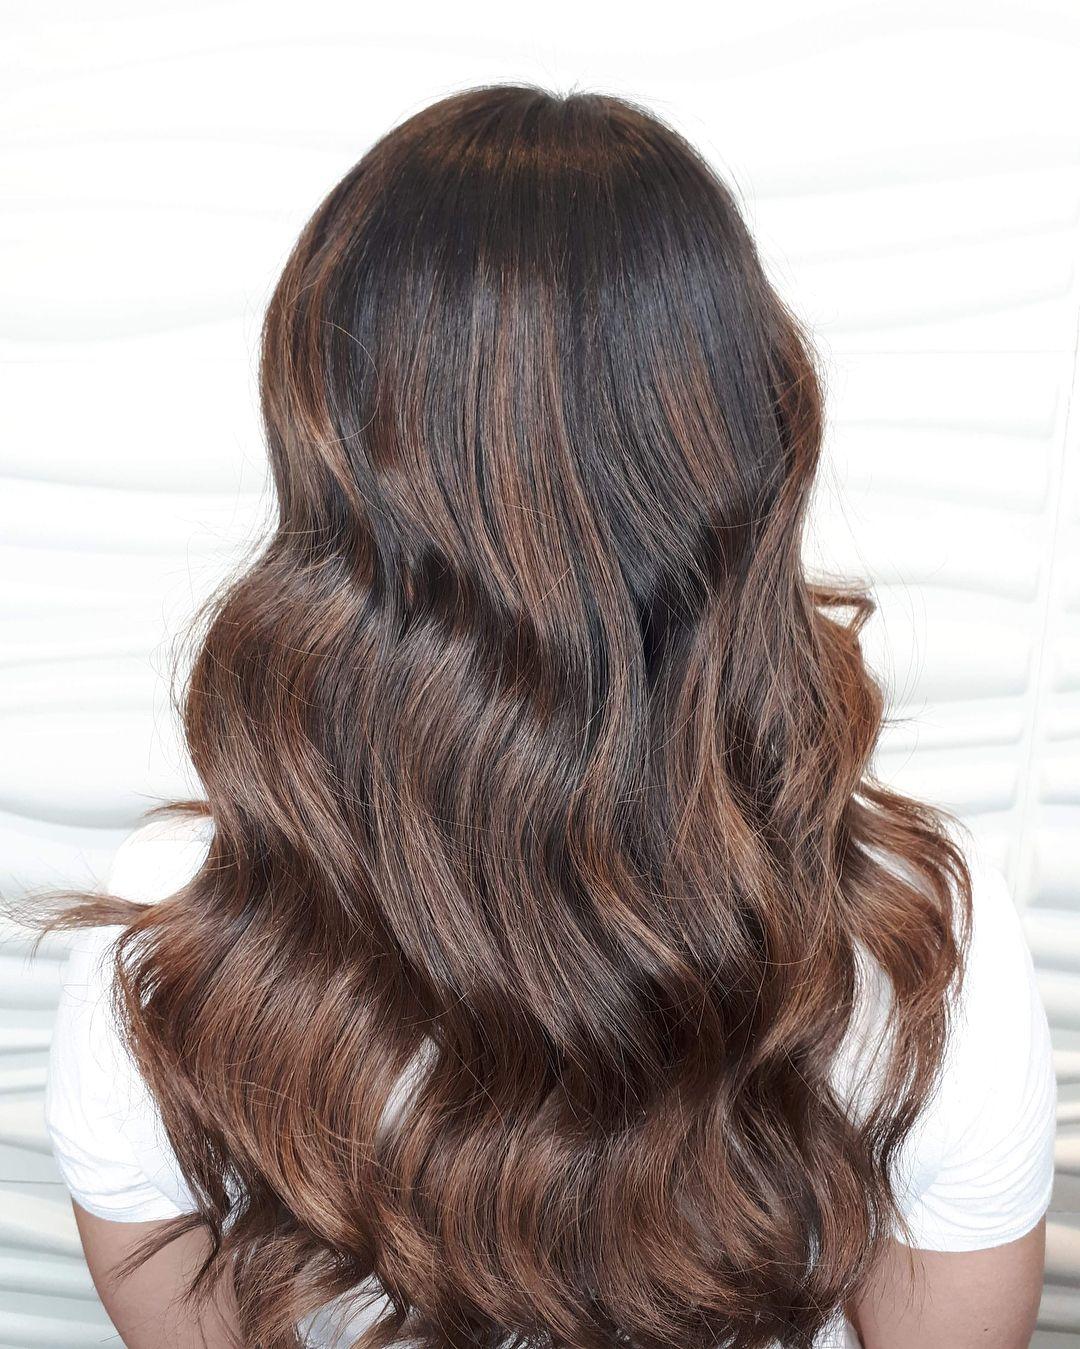 Best Hair Salon For Hair Color Near Me